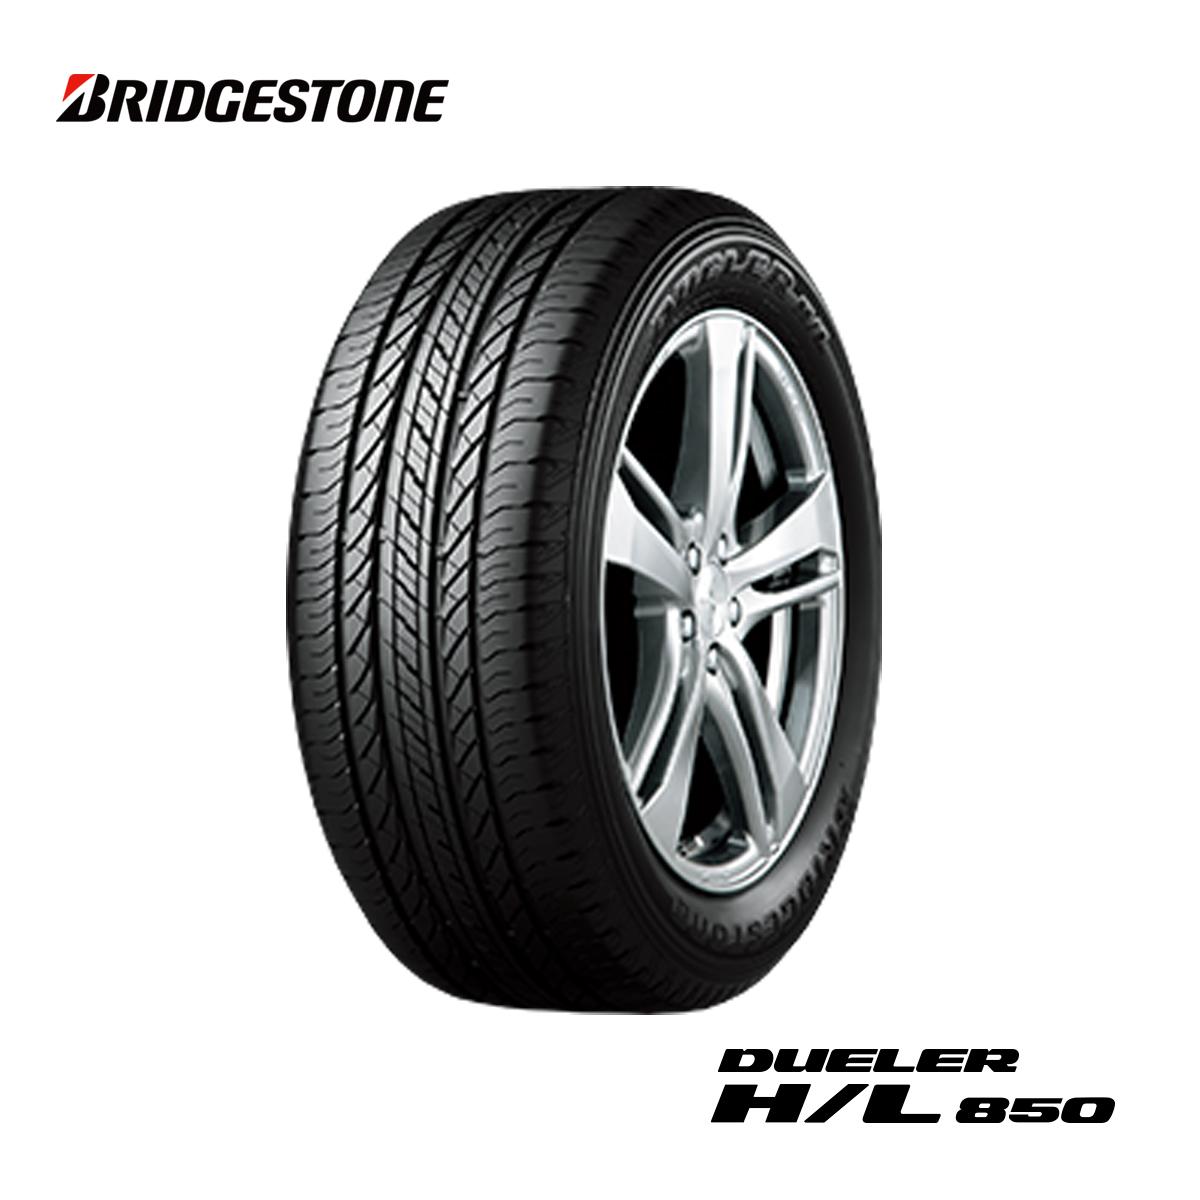 ブリヂストン BS 17インチ タイヤ 235/65R17 235 65 17 デューラー サマー タイヤ 1本 4WD SUV オフロード タイヤ BRIDGESTONE DUELER H/L850